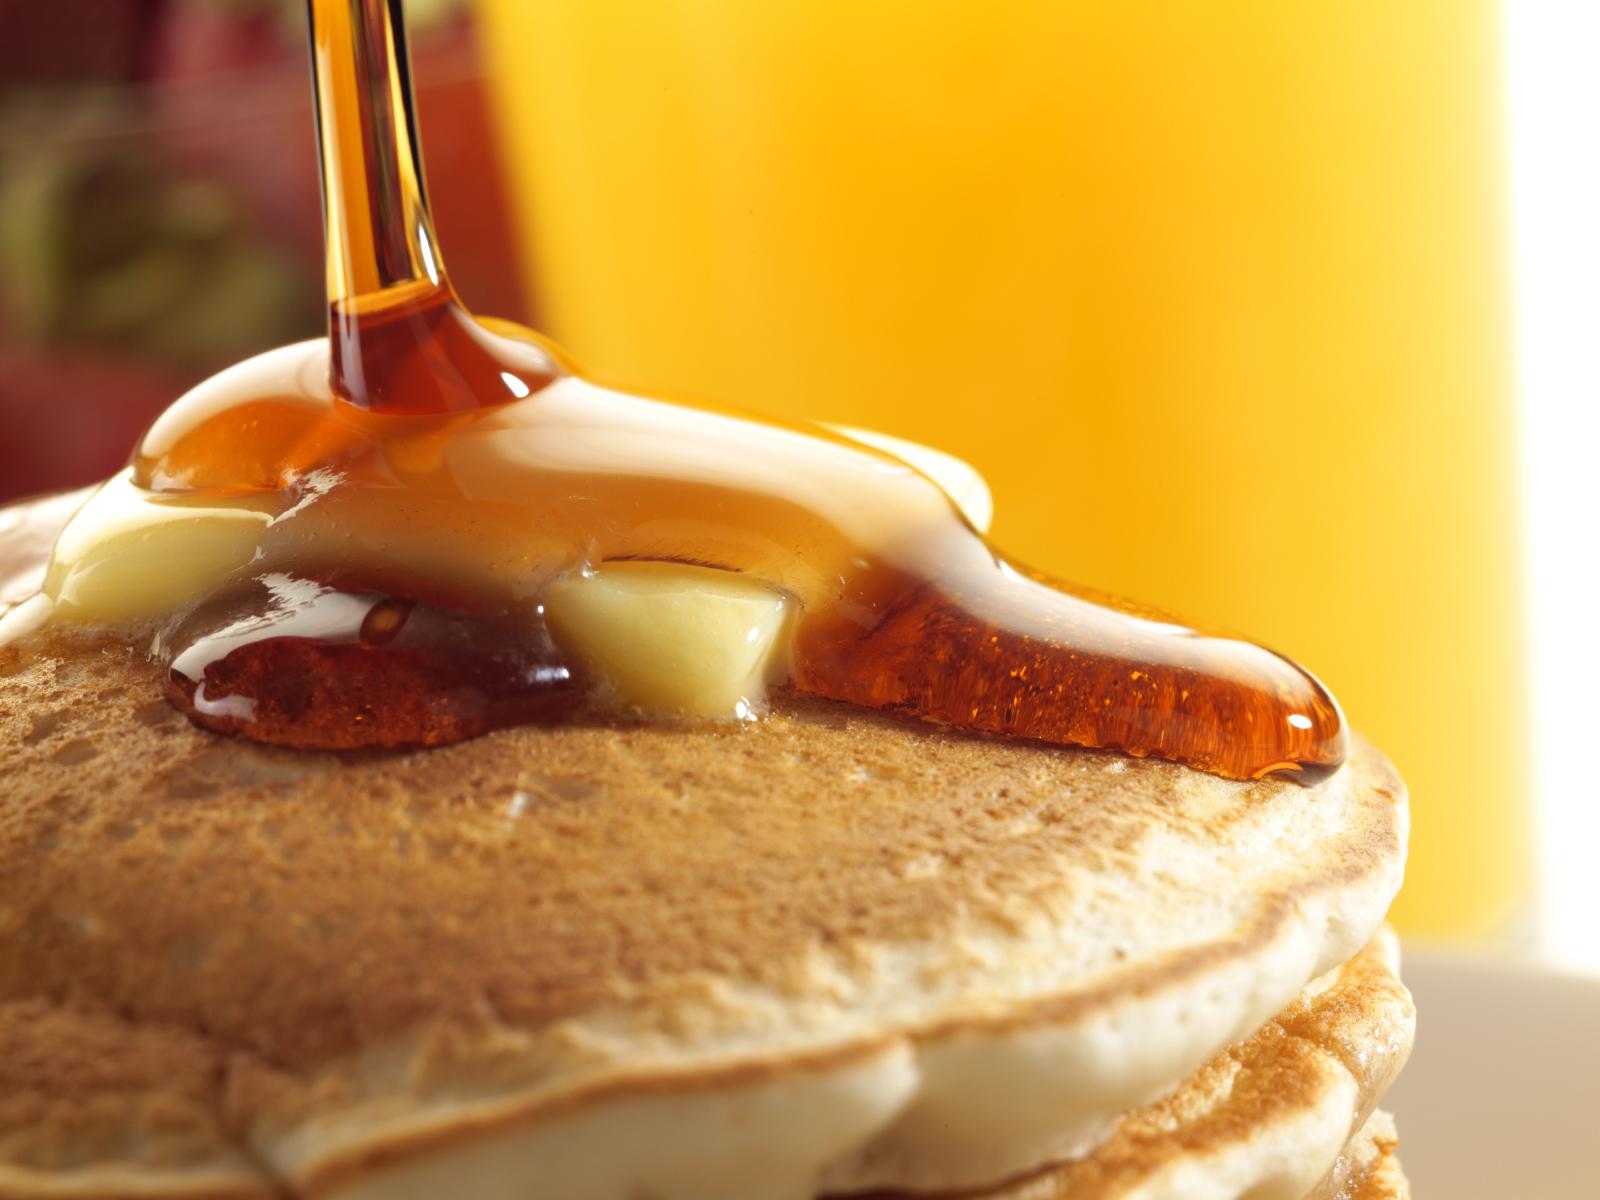 Pancakes wallpaper 1600x1200 78694 1600x1200